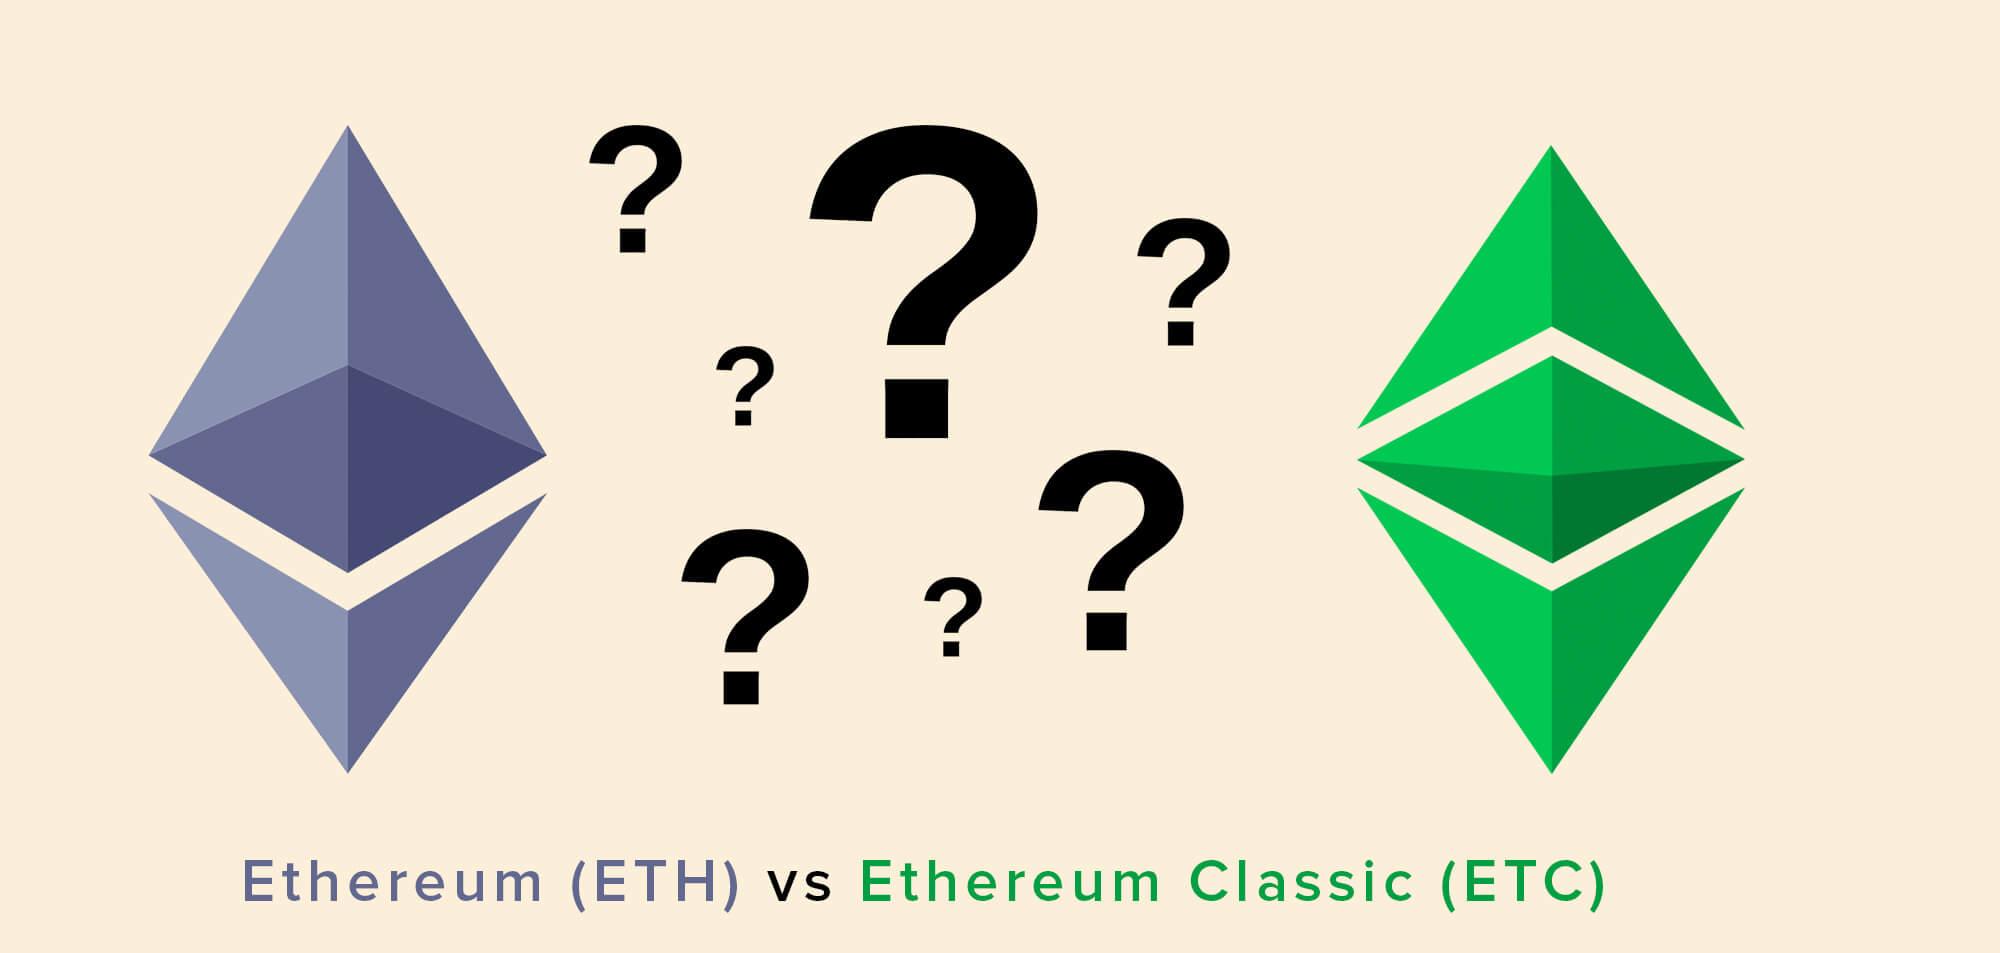 Ethereum (ETH) vs Ethereum Classic (ETC)